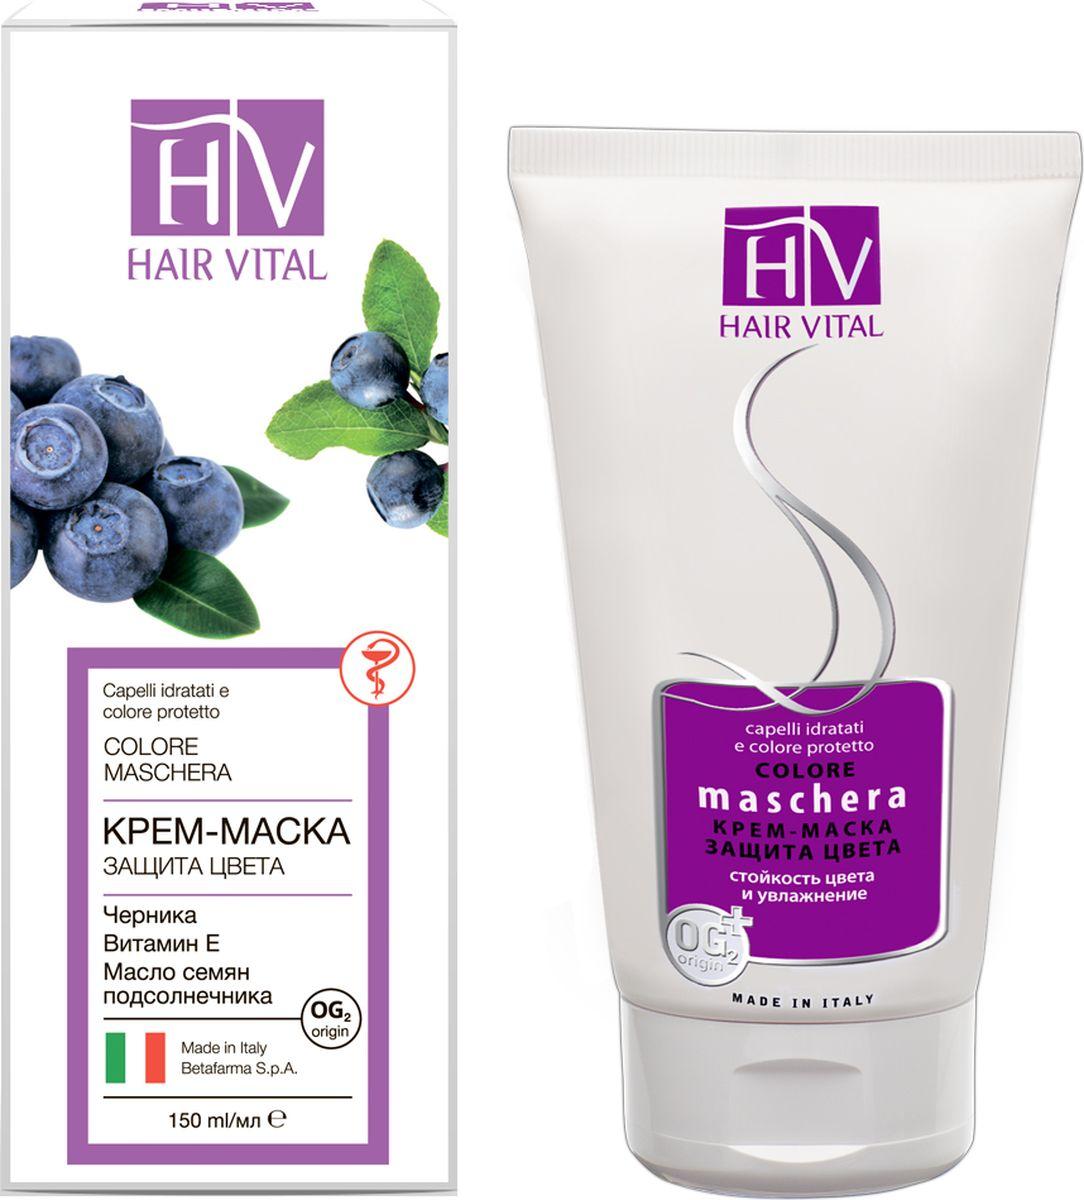 Hair Vital Крем-маска Защита Цвета, 150 мл70680• Сохраняет цвет на длительный срок • Восстанавливает структуру волос • Придает волосам ослепительный блеск • Интенсивно увлажняет и питает • Не склеивает и не утяжеляет волосы Активные компоненты: экстракт черники, подсолнечник, гидролизат протеина пшеницы, диметикон, витамин Е, OG2